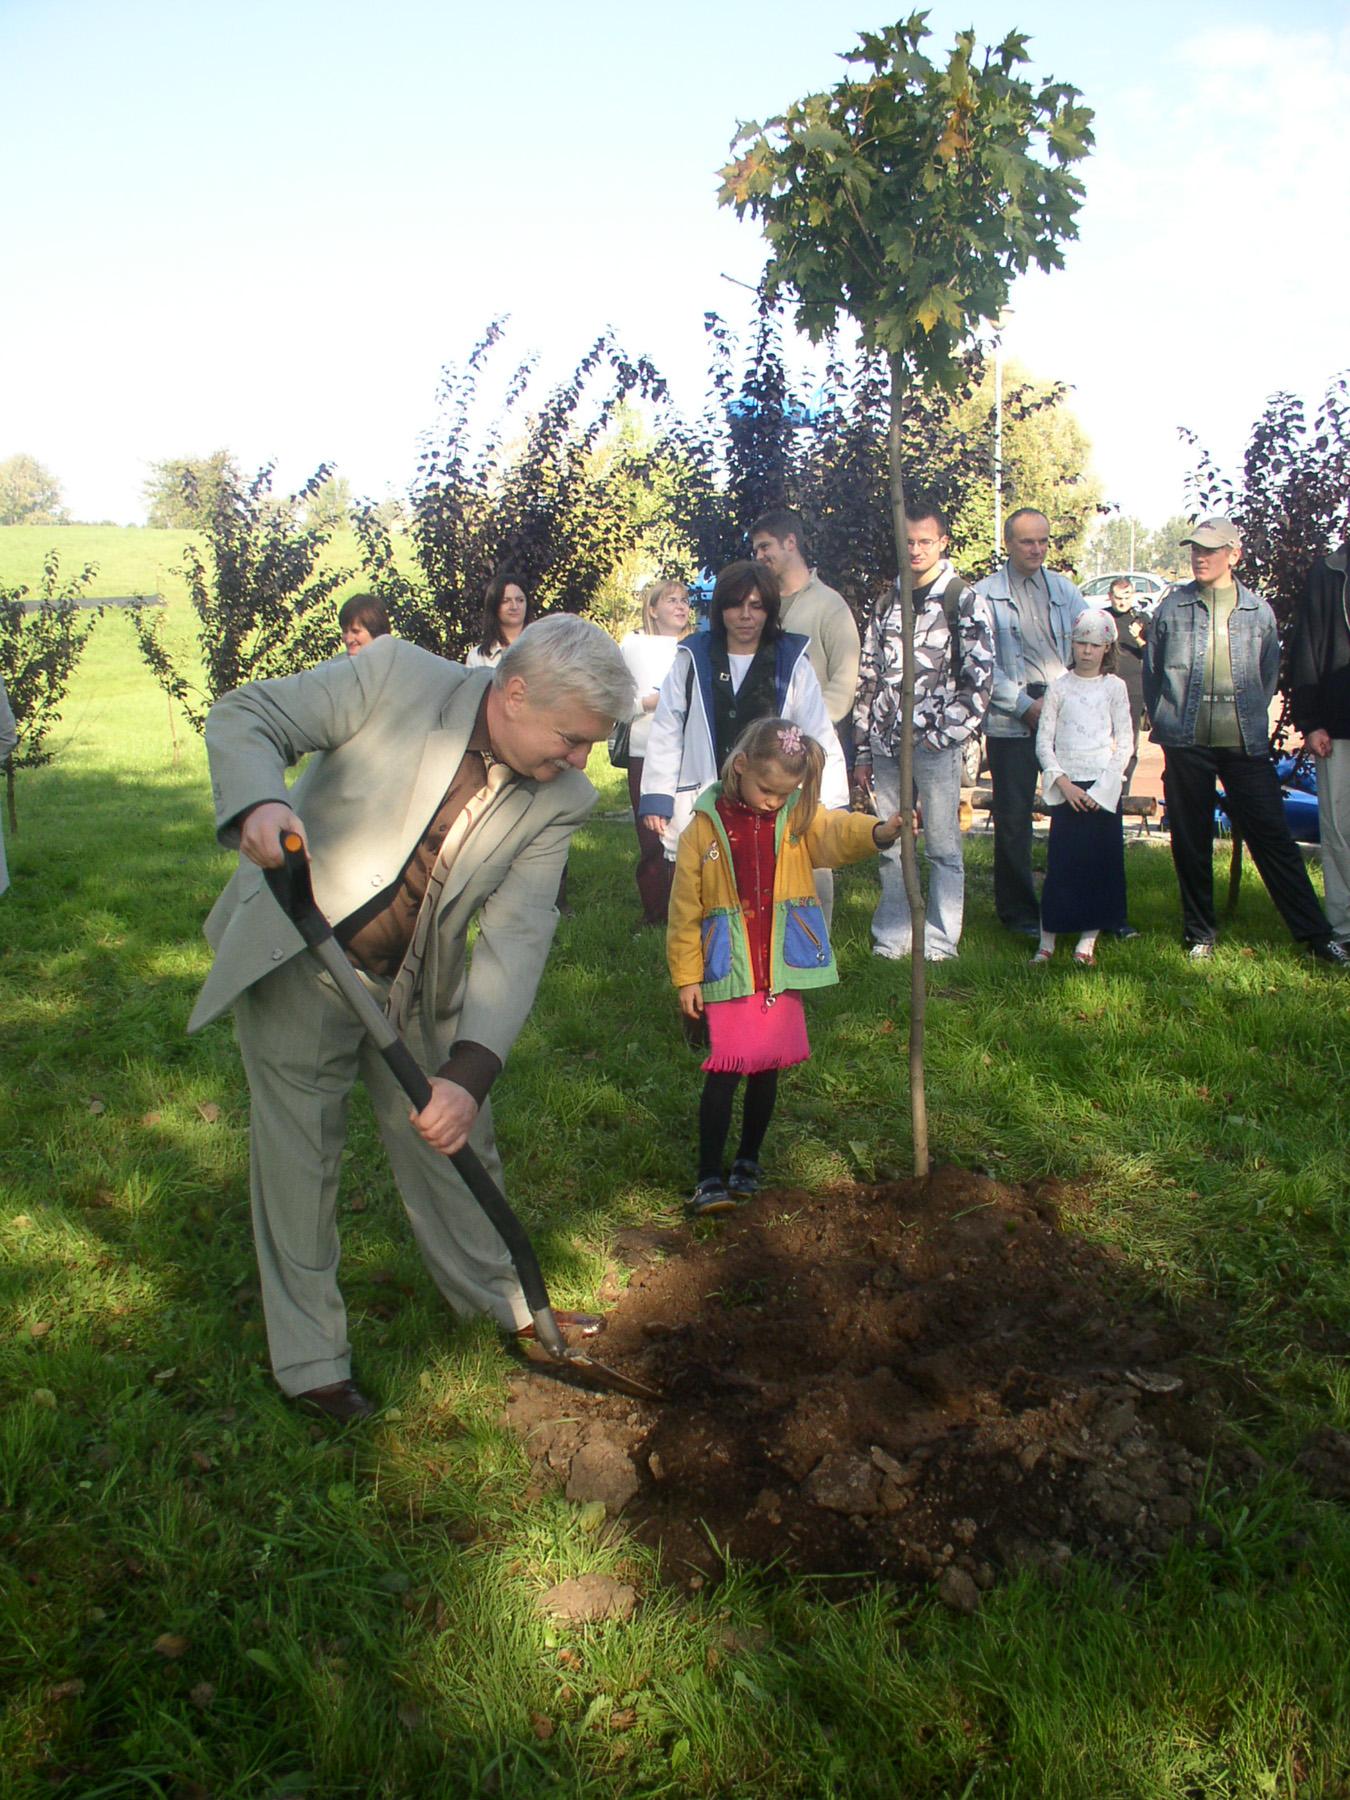 Obchody miejskiego Święta Drzewa 10.10.2010 - Muzeum Wody